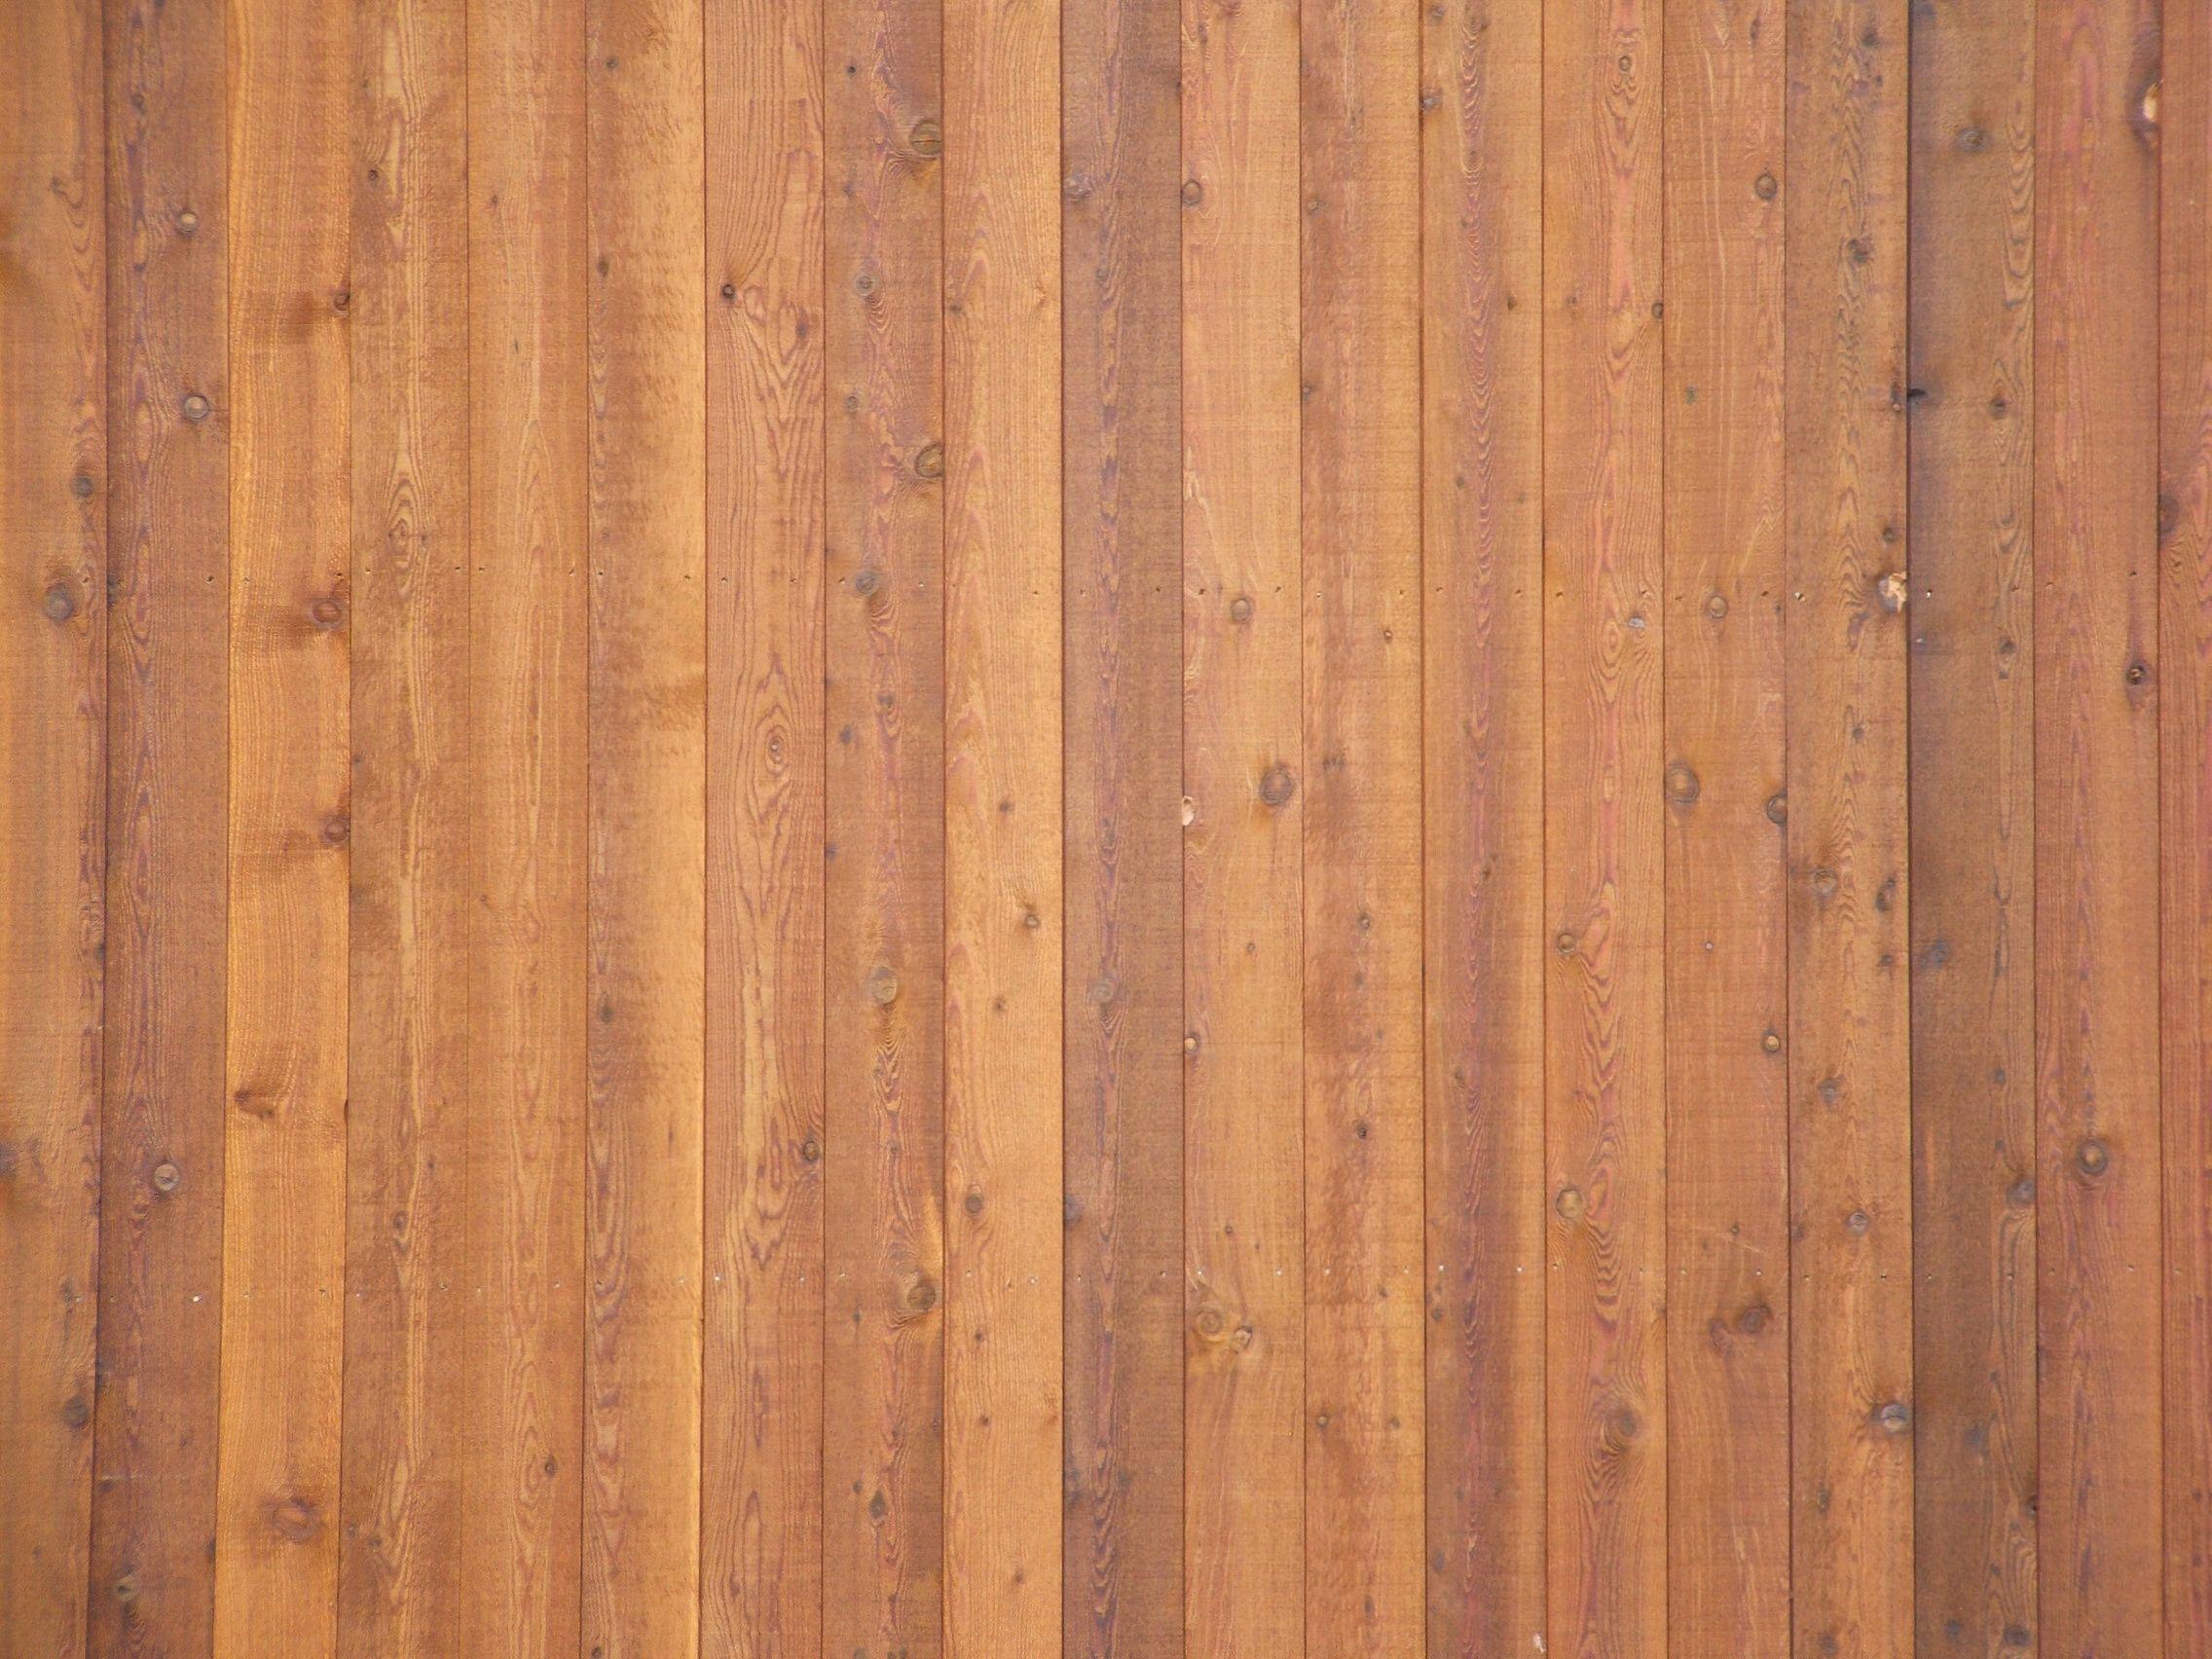 Resultado de imagem para wood wall background | Para ...